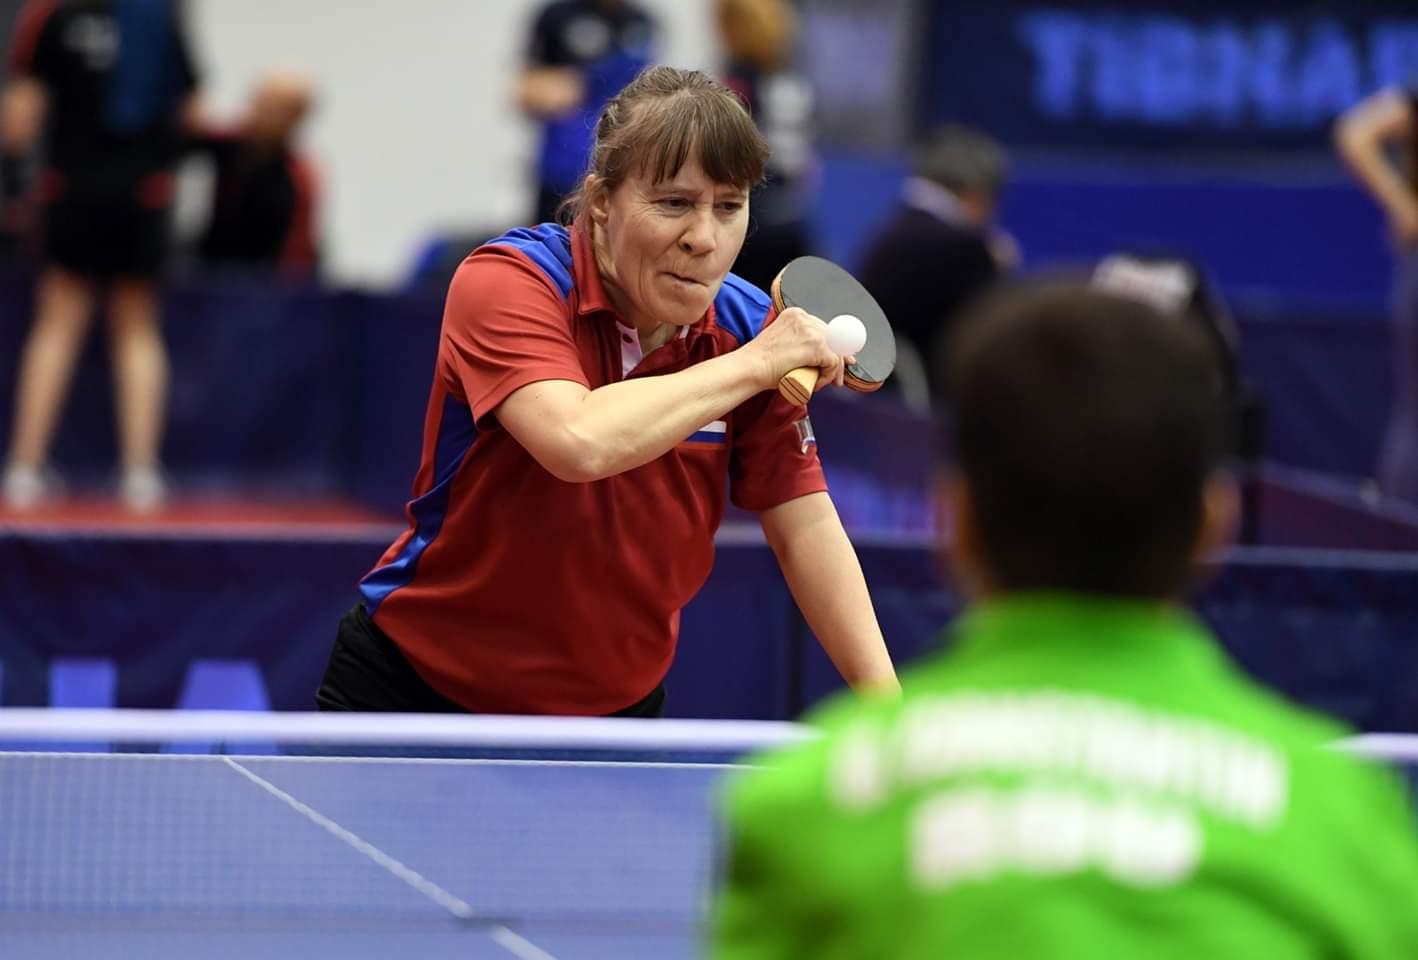 5 золотых, 2 серебряные и 2 бронзовые медали завоевала сборная команда России по настольному теннису спорта лиц с ПОДА и ИН в Польше